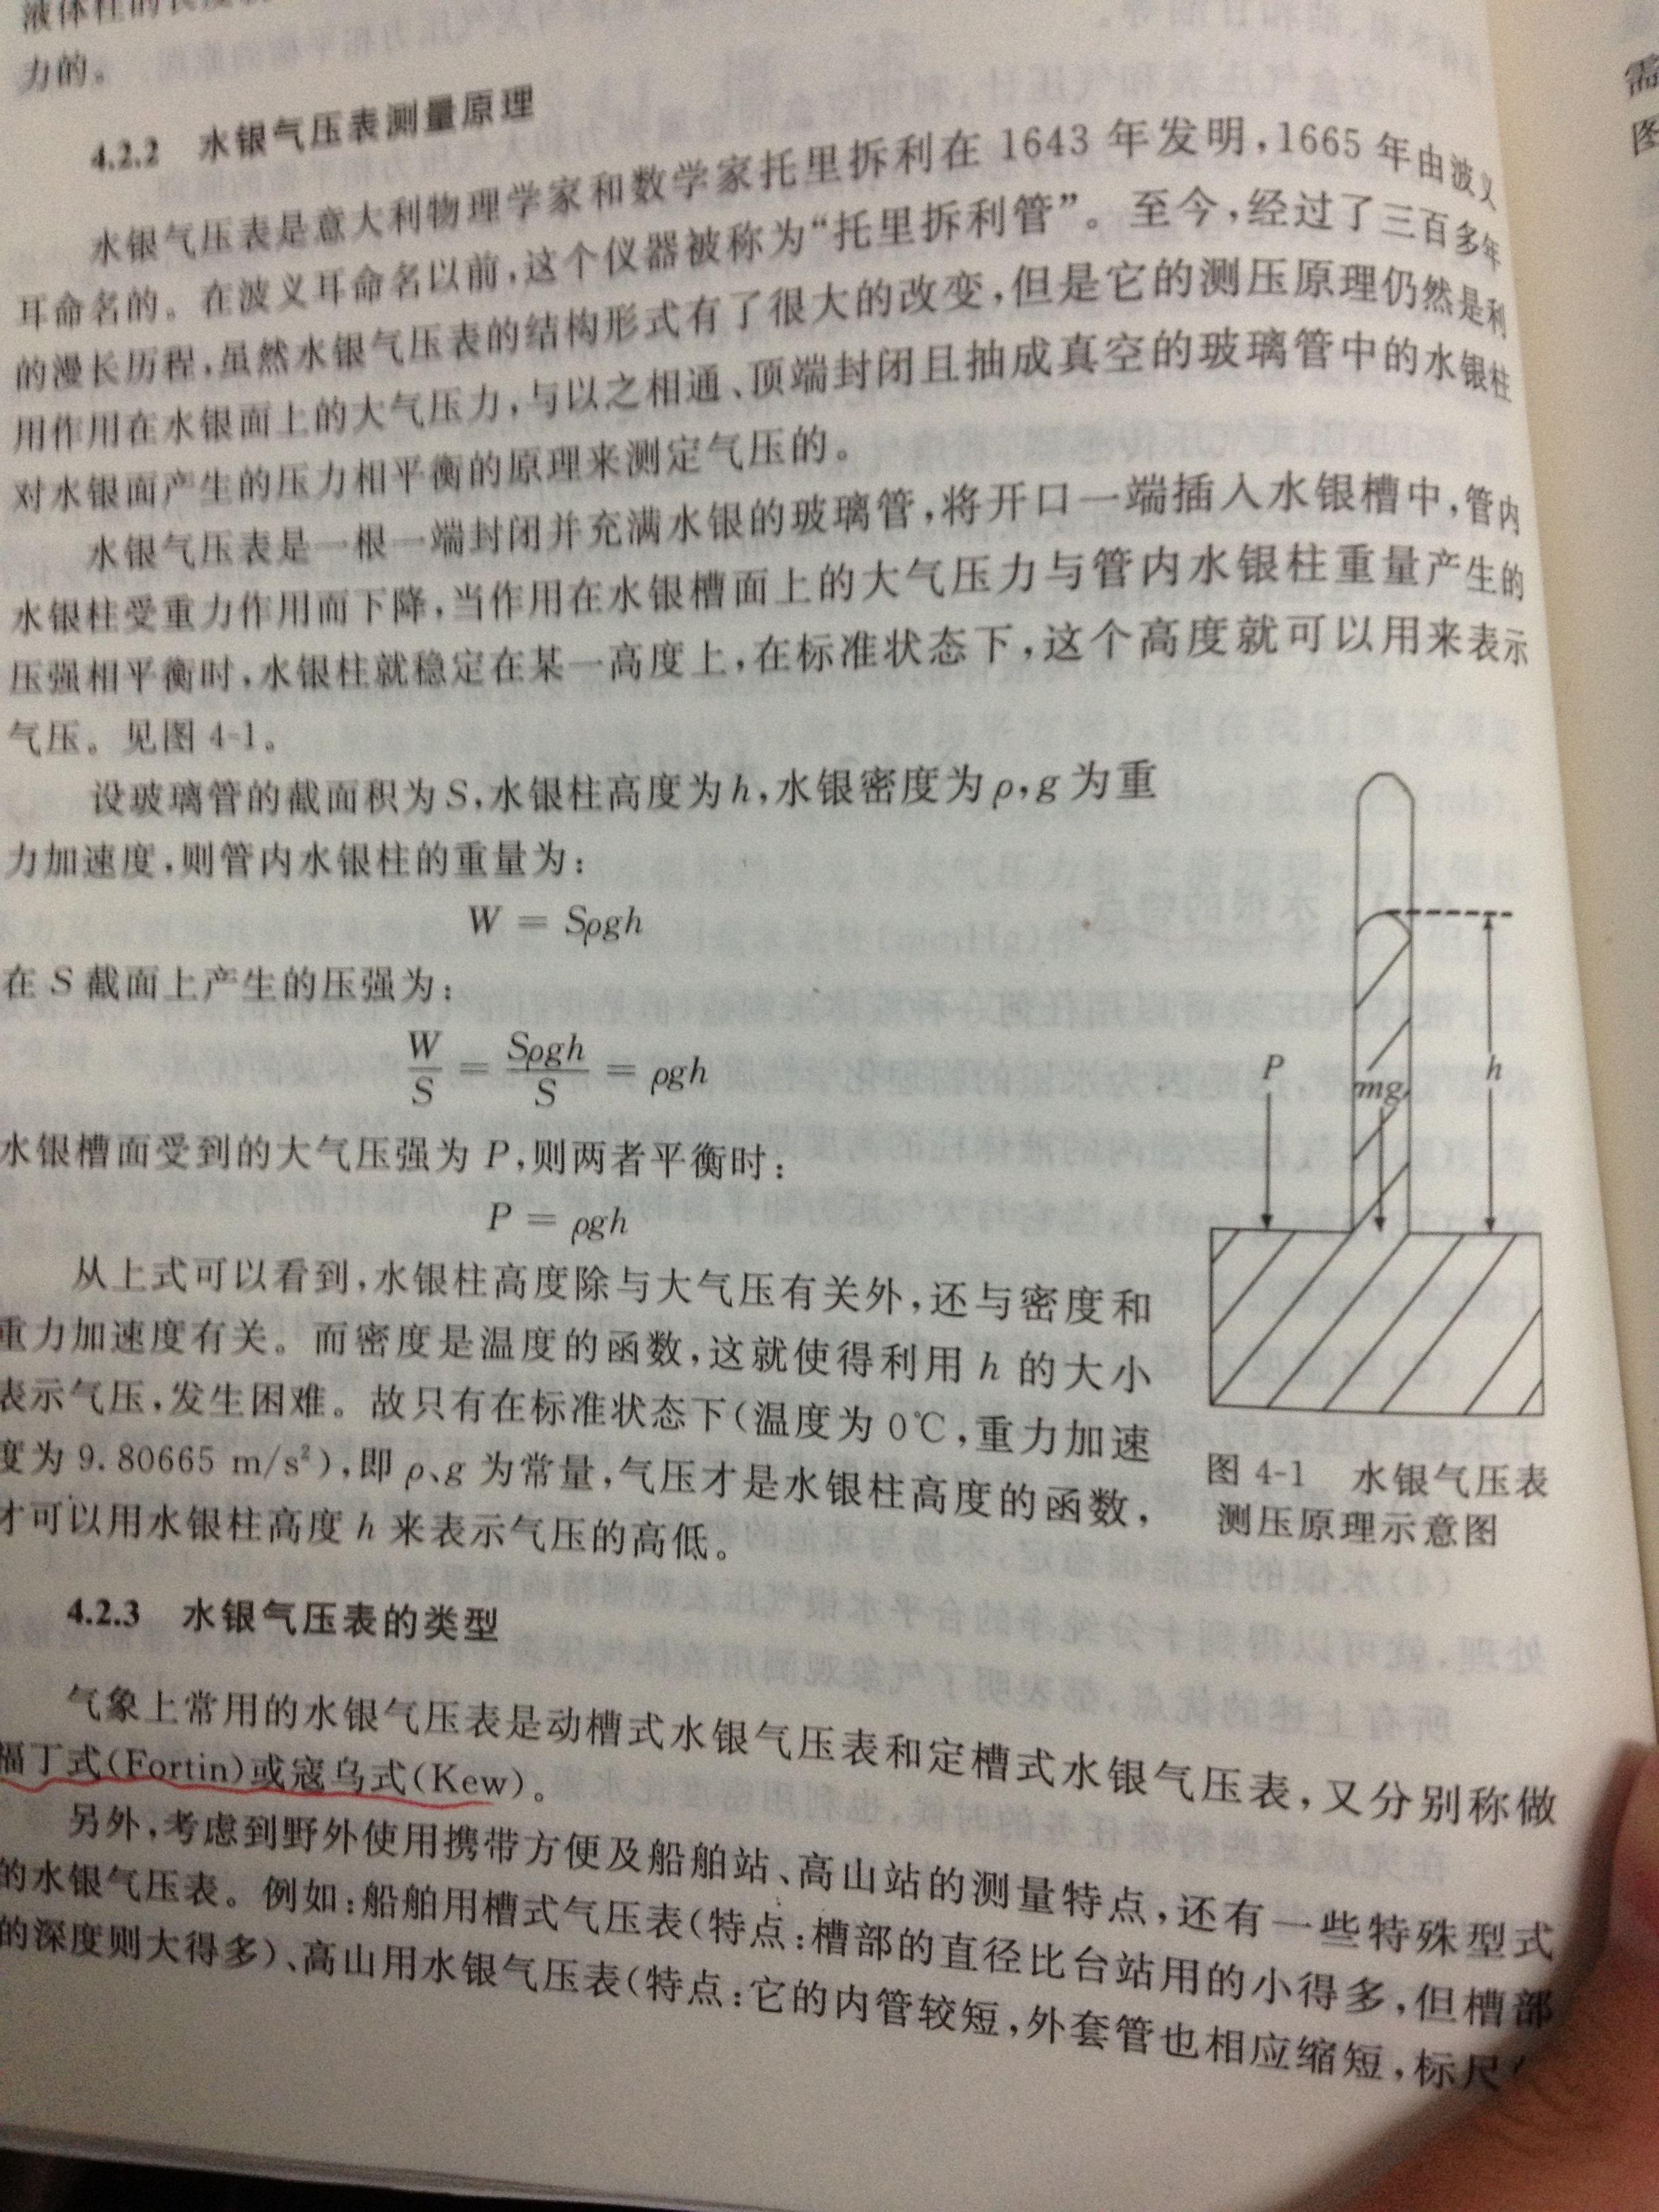 自制水气压计观察大气压随高度的变化图片